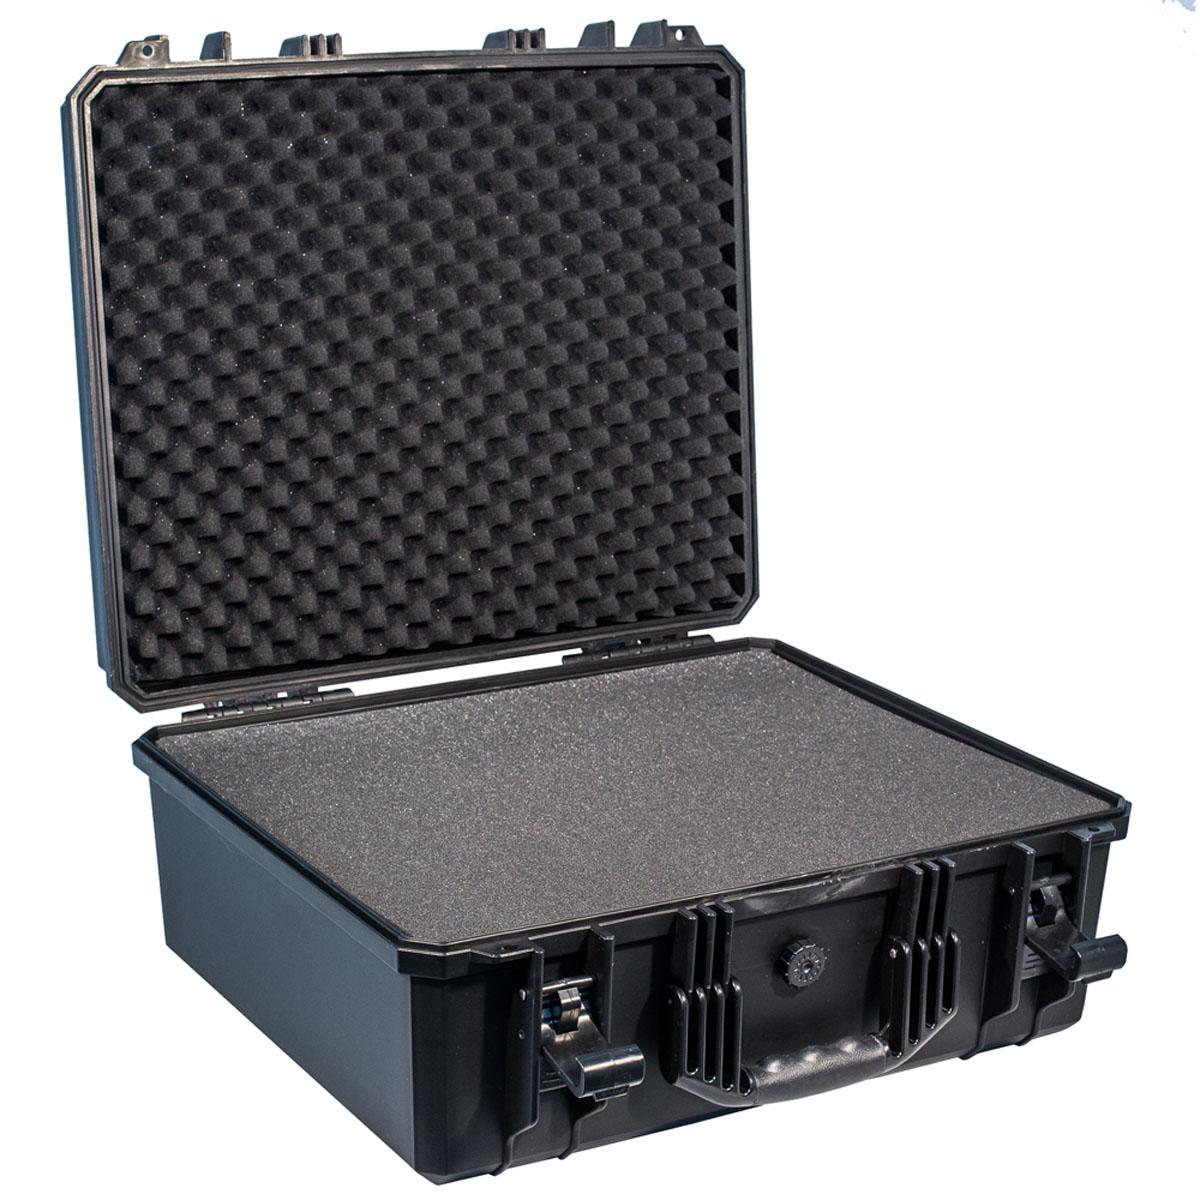 Кейс противоударный PRO-4x4 №7, влагозащищенный, 53,8 х 48,8 х 24,4 см, цвет: черныйPRO-BXF-B05348Самое широкое применение у кейсов №7 с наполнителем нашлось у профессионалов, которым нужно выезжать на объекты с диагностическим оборудованием илиточными измерительными приборами. Защищенные кейсы PRO-4x4 это надежный и проверенный способ сохранить в целостности дорогостоящее оборудование, требующее бережной транспортировки и гарантированной сохранности. Кейсы снабжены удобными и надежными ручками, в крышке имеется паз с резиновым уплотнением. Так же все кейсы PRO-4x4 имеют клапан выравнивания давления. Благодаря используемым материалам и технологии изготовления кейсы способны выдержать значительные ударные и статические нагрузки защищая свое содержимое от механических повреждений. Герметичность и пыле-влагозащищенность кейсов PRO-4x4 оградит дорогостоящую технику от агрессивной внешней среды и не позволит вывести ее из строя в процессе транспортировки. Великолепный внешний вид, потребительские свойства и непревзойдённое качество исполнения кейсов PRO-4x4 соответствуют запросам самых требовательных потребителей. В зависимости от выбранного размера кейс подойдет для хранения ценных документов, оружия, запасных частей и электронного оборудования. Область применения может быть самой различной, он одинаково хорошо покажет себя и во время внедорожного путешествия и в производственных процессах.